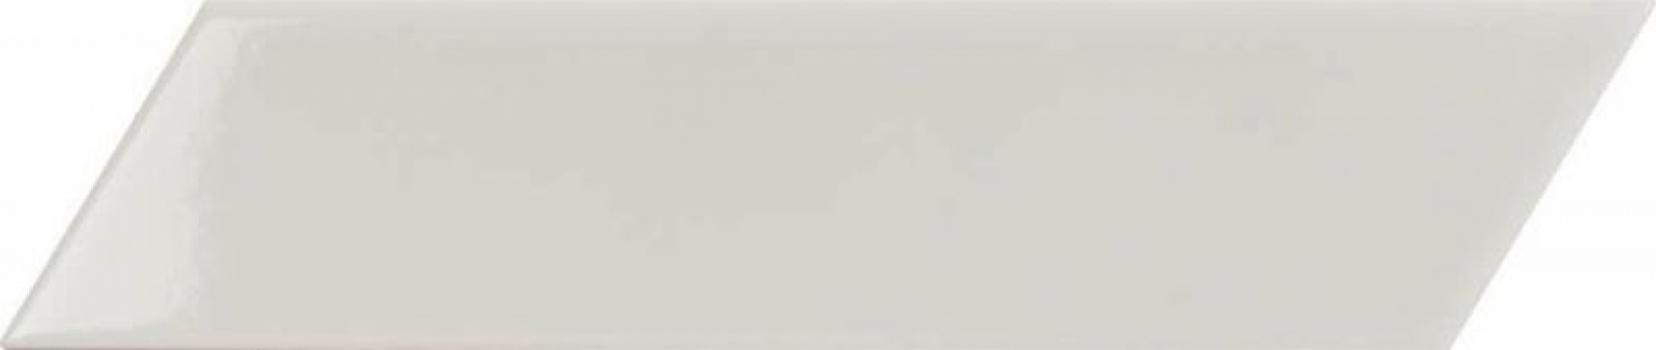 плитка настенная chevron light grey left 6,4x26 см CEVICA Light Grey Left